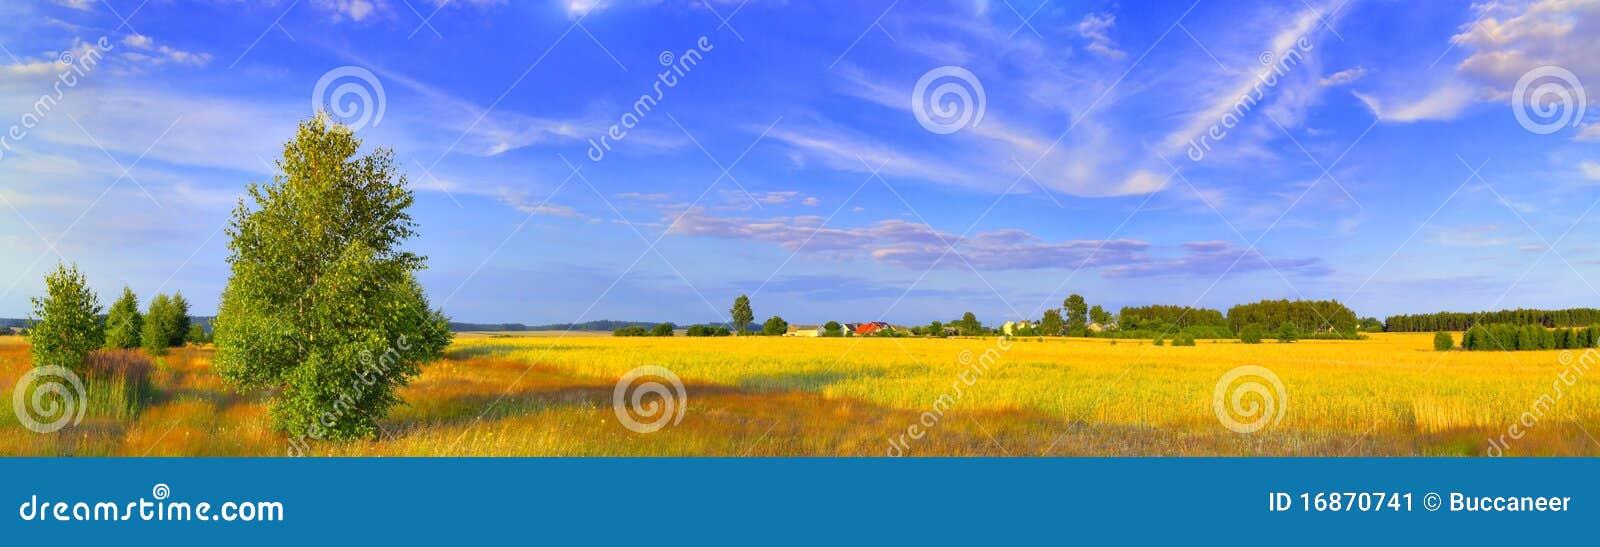 Brzozy wiejski krajobrazowy panoramiczny